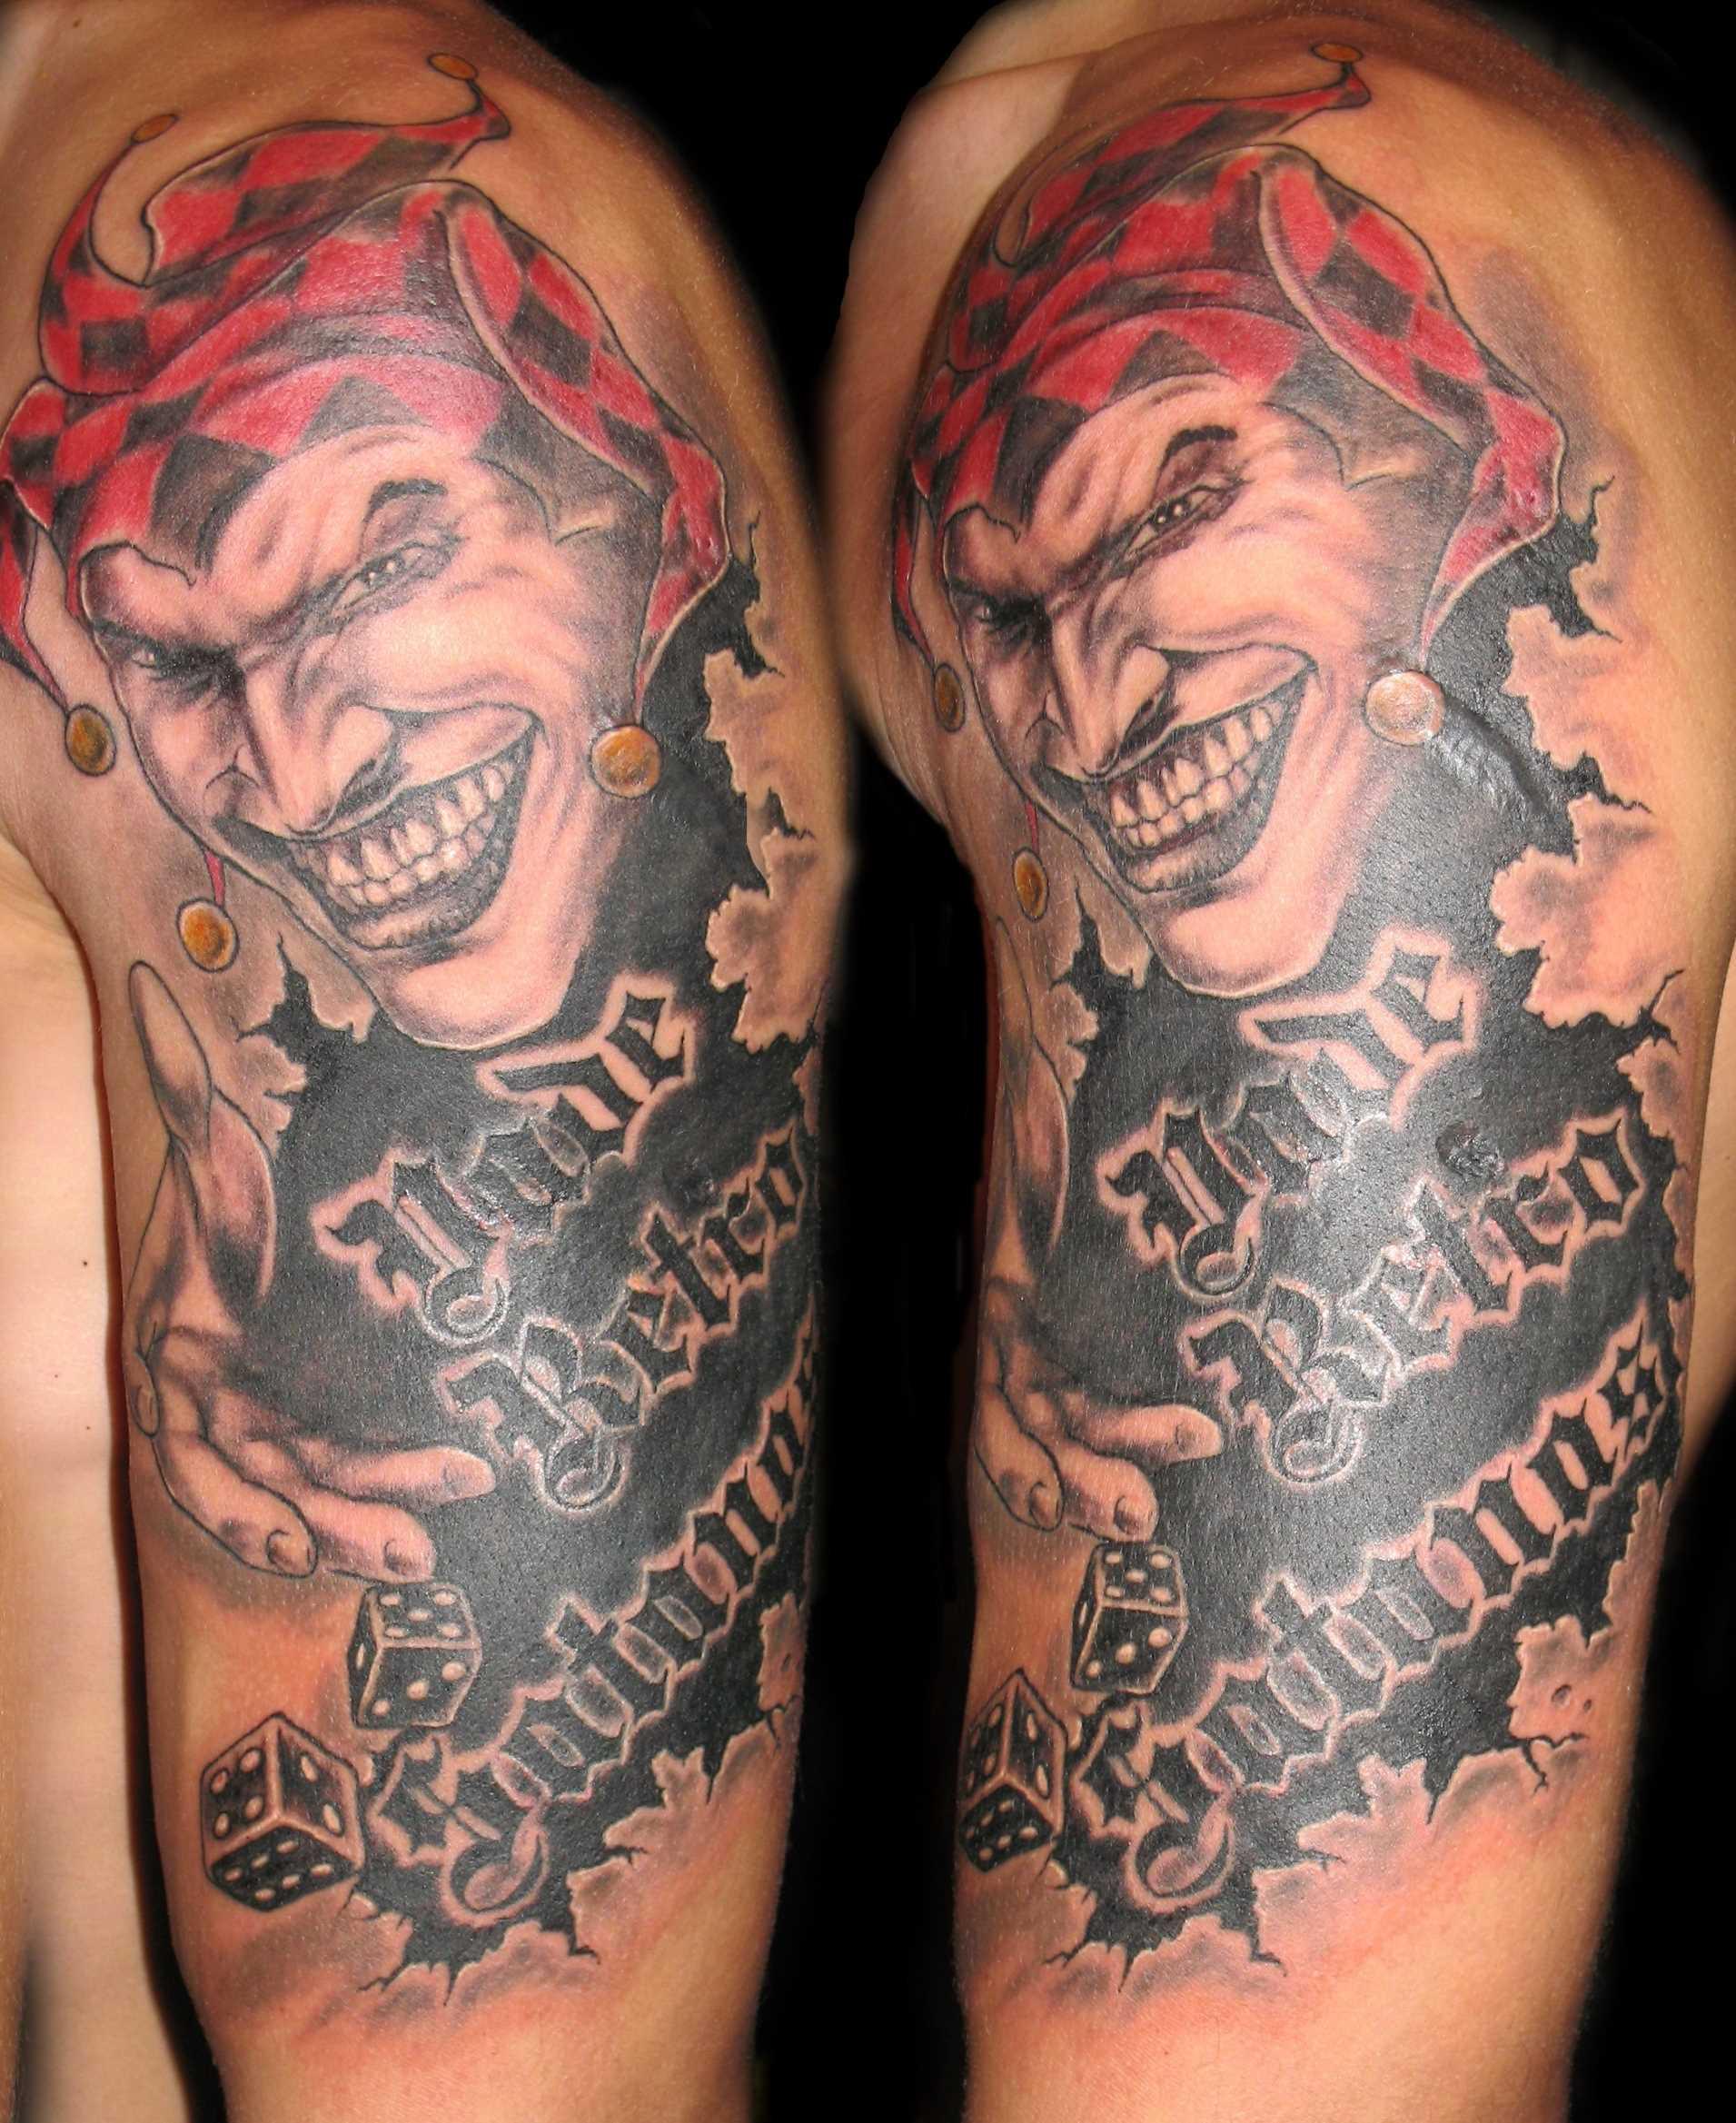 Tatuagem de palhaço, com a inscrição no ombro do cara